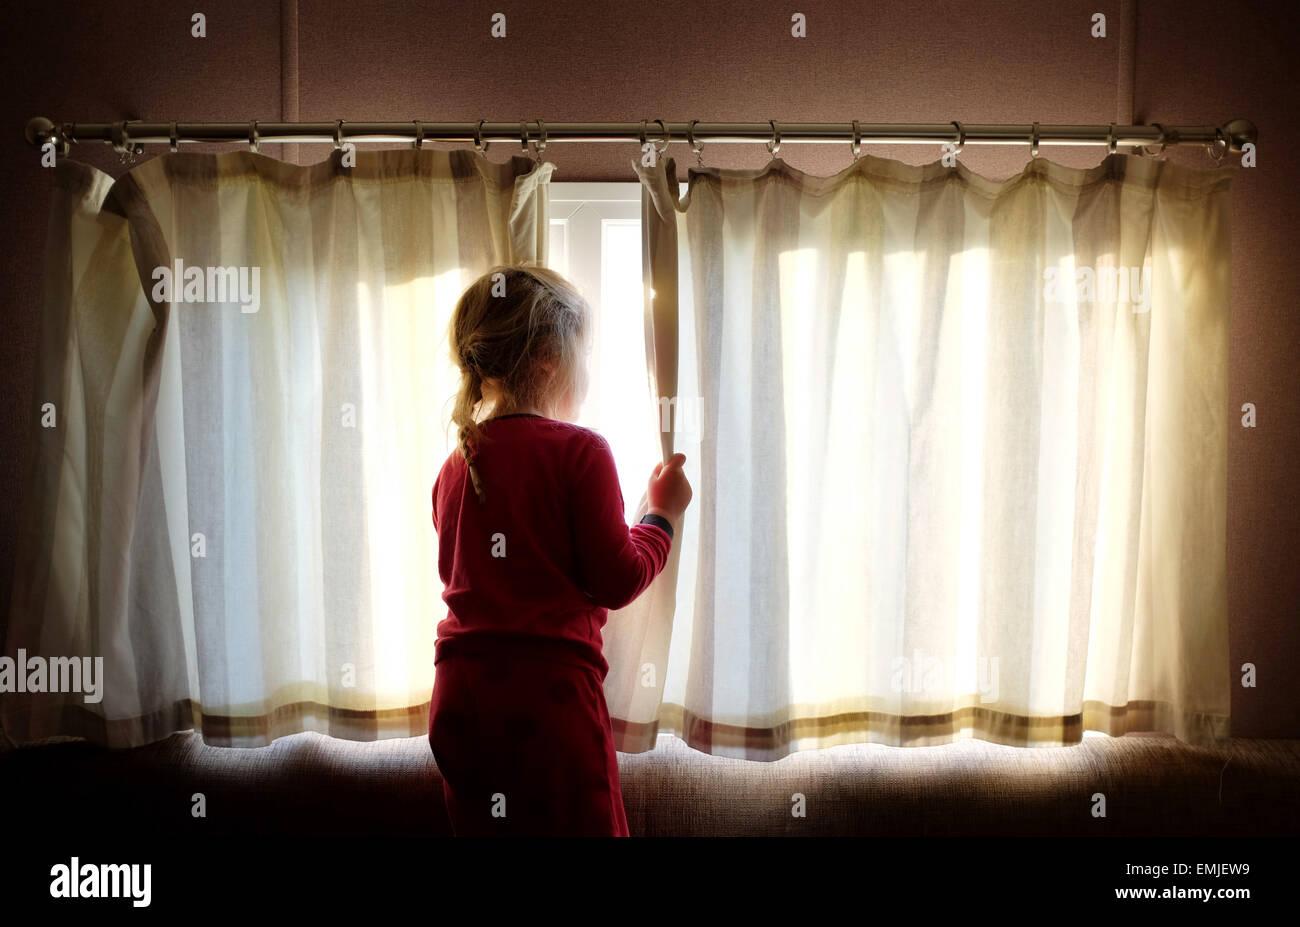 Un soñoliento joven en pijama abre las cortinas para mirar fuera de la ventana en el inicio de un nuevo día Imagen De Stock